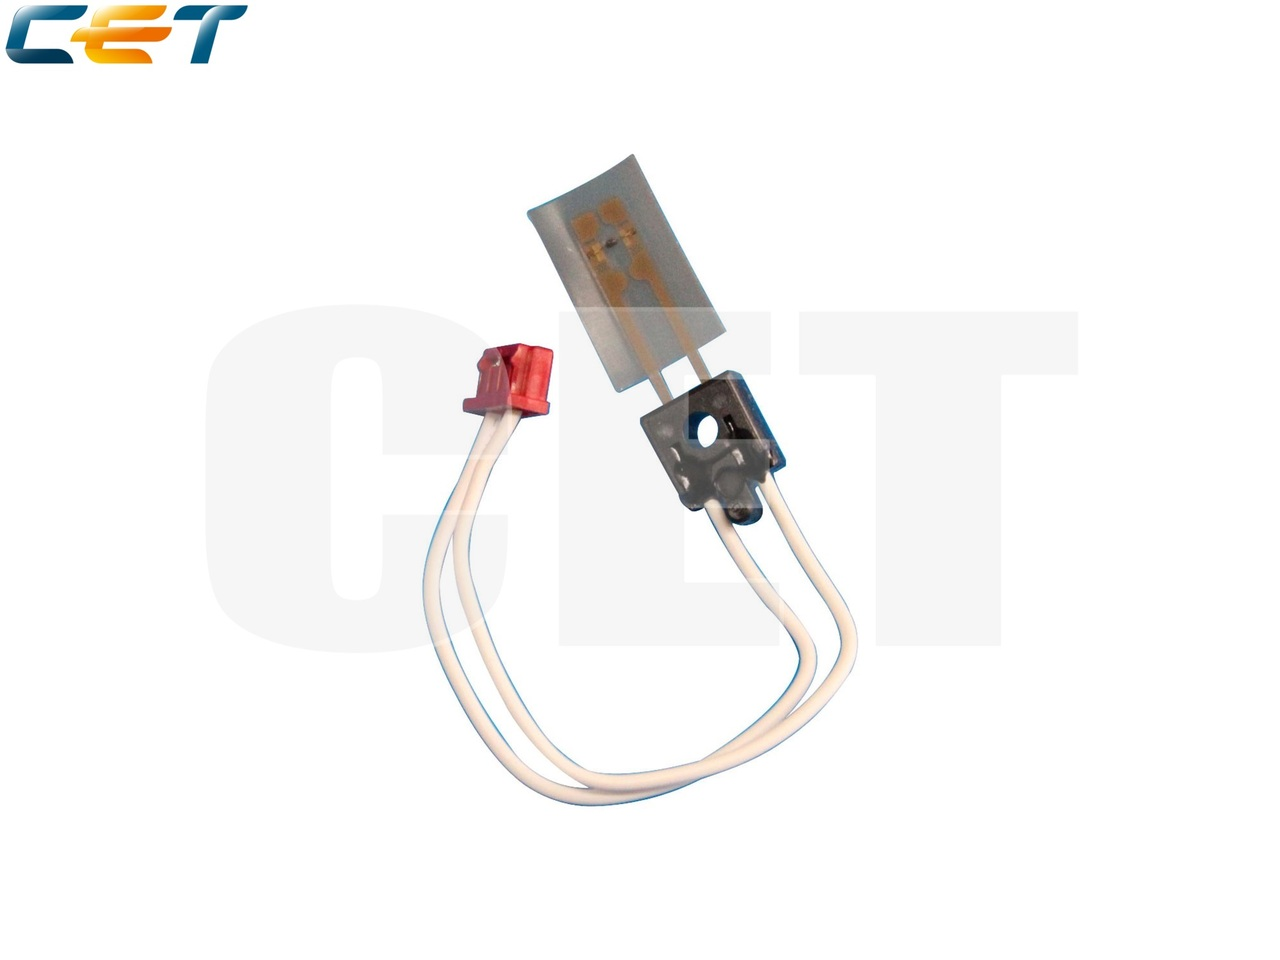 Термистор AW10-0053 для RICOH Aficio 1022/1027 (CET),CET4493